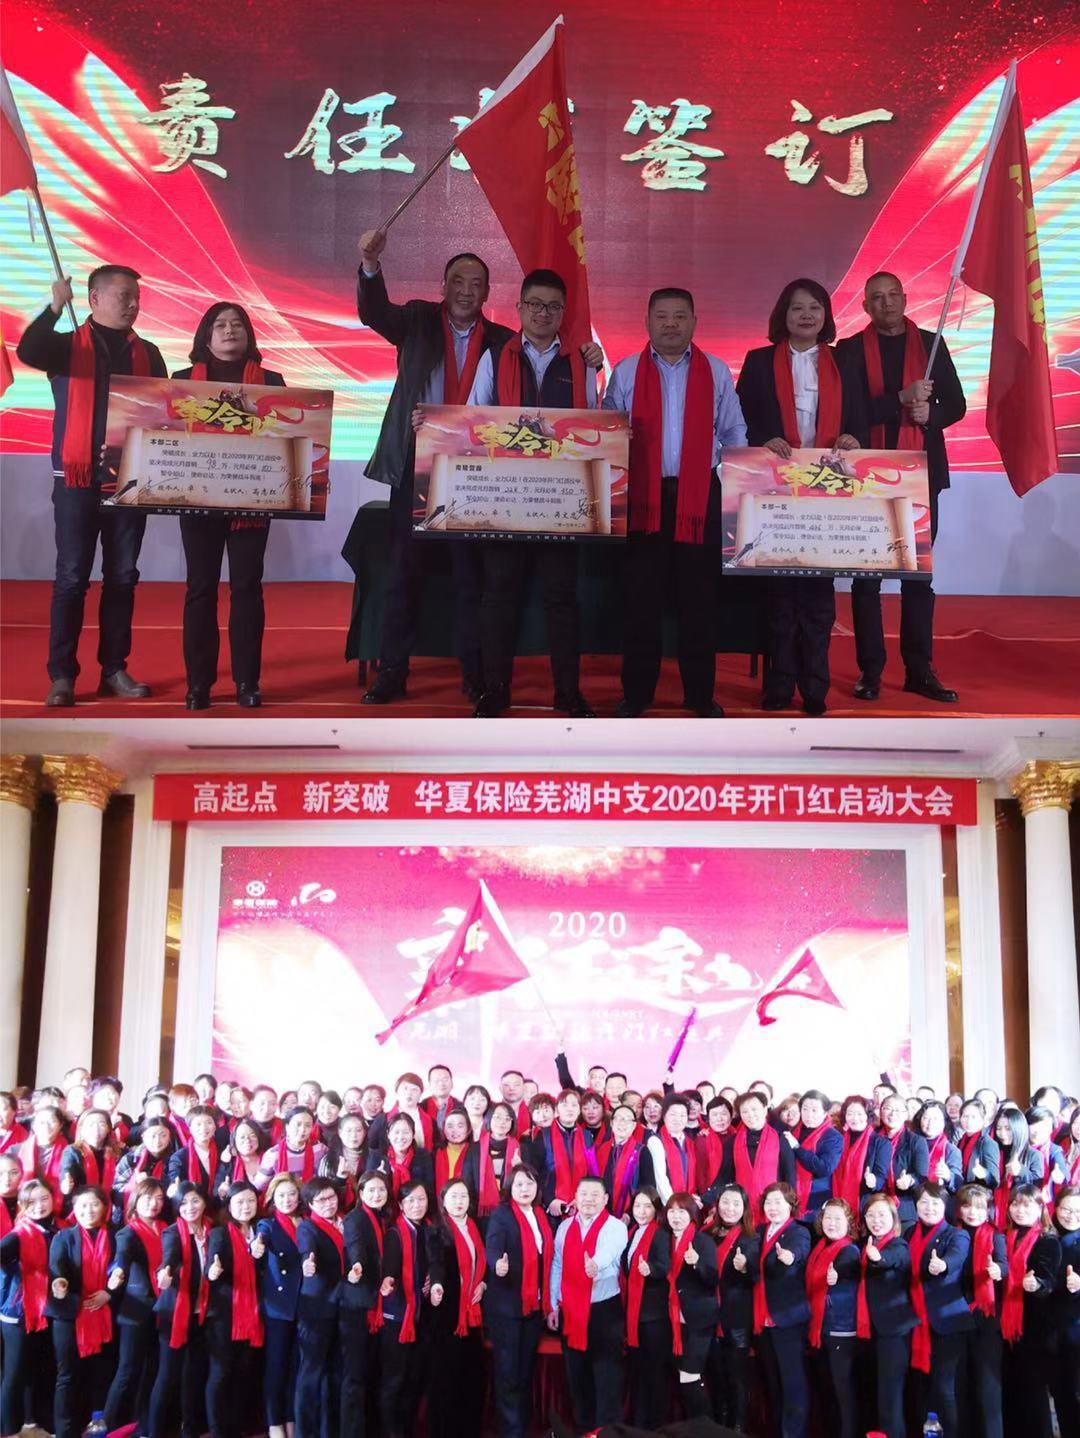 http://www.ahxinwen.com.cn/jiankangshenghuo/103258.html